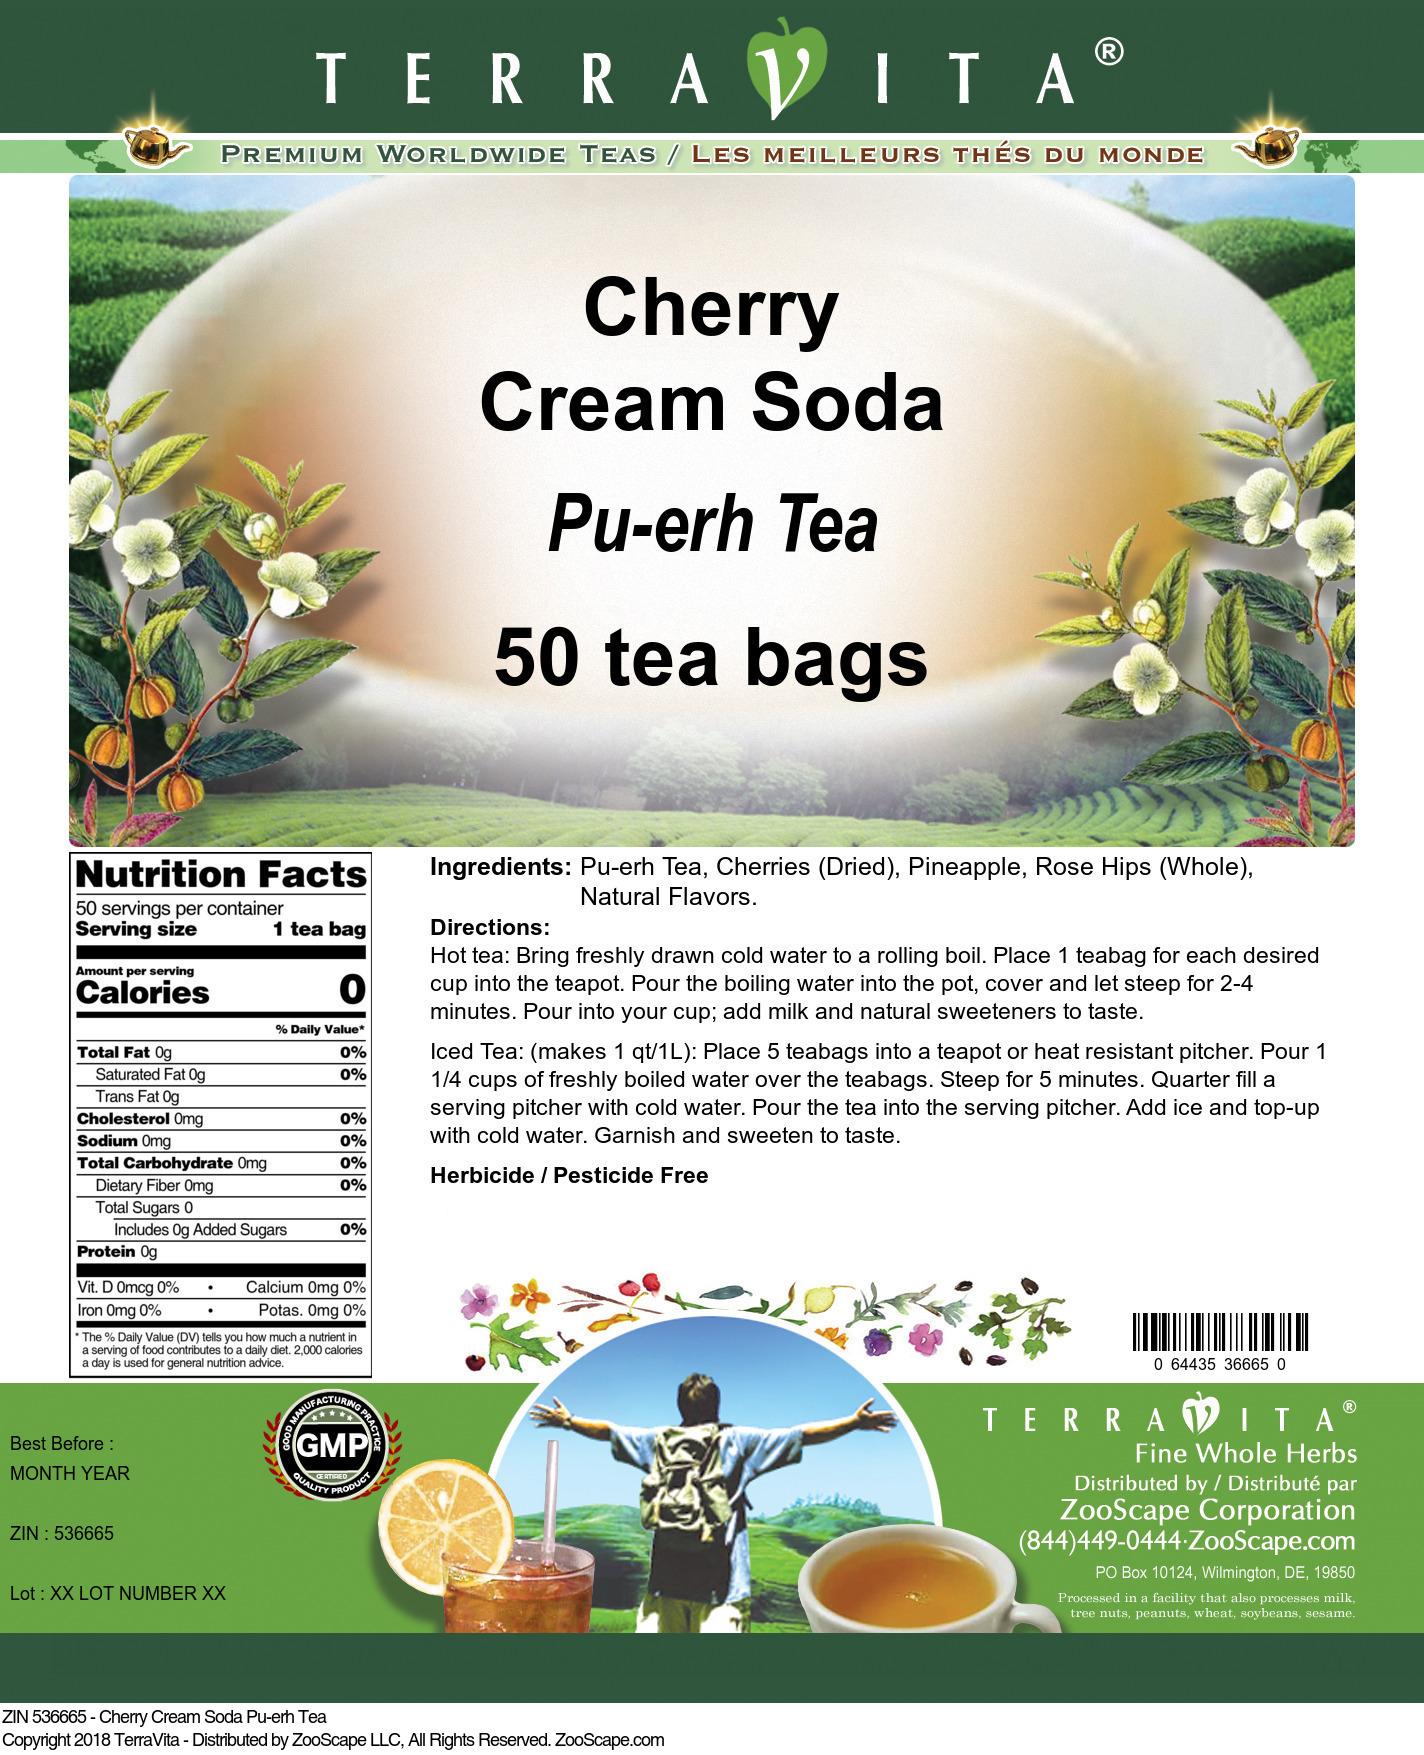 Cherry Cream Soda Pu-erh Tea